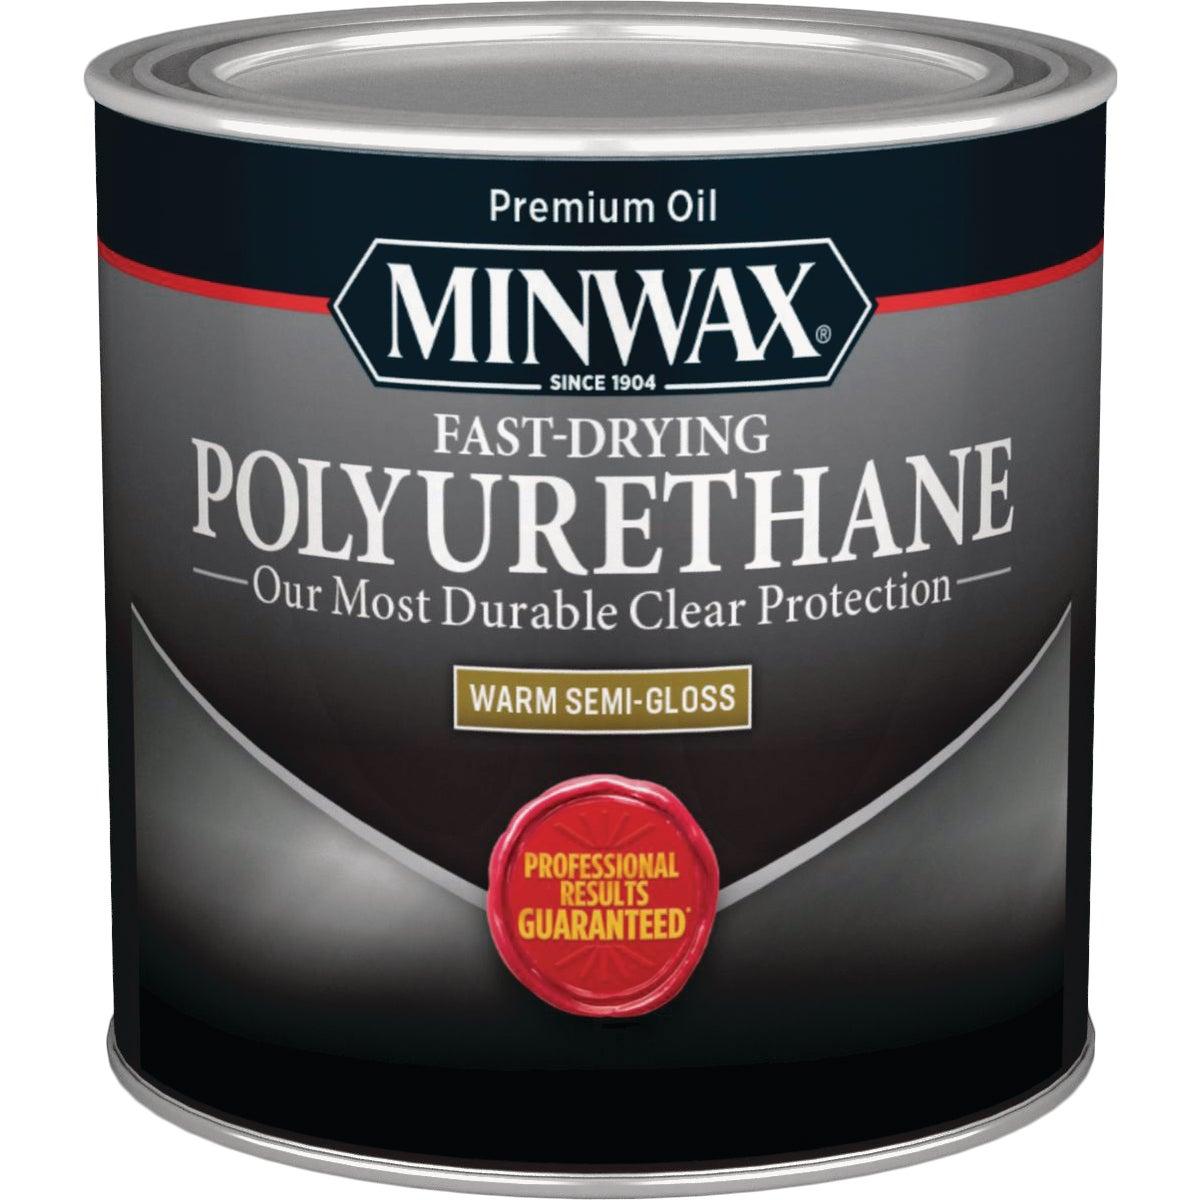 INT S/G POLYURETHANE - 230054444 by Minwax Company